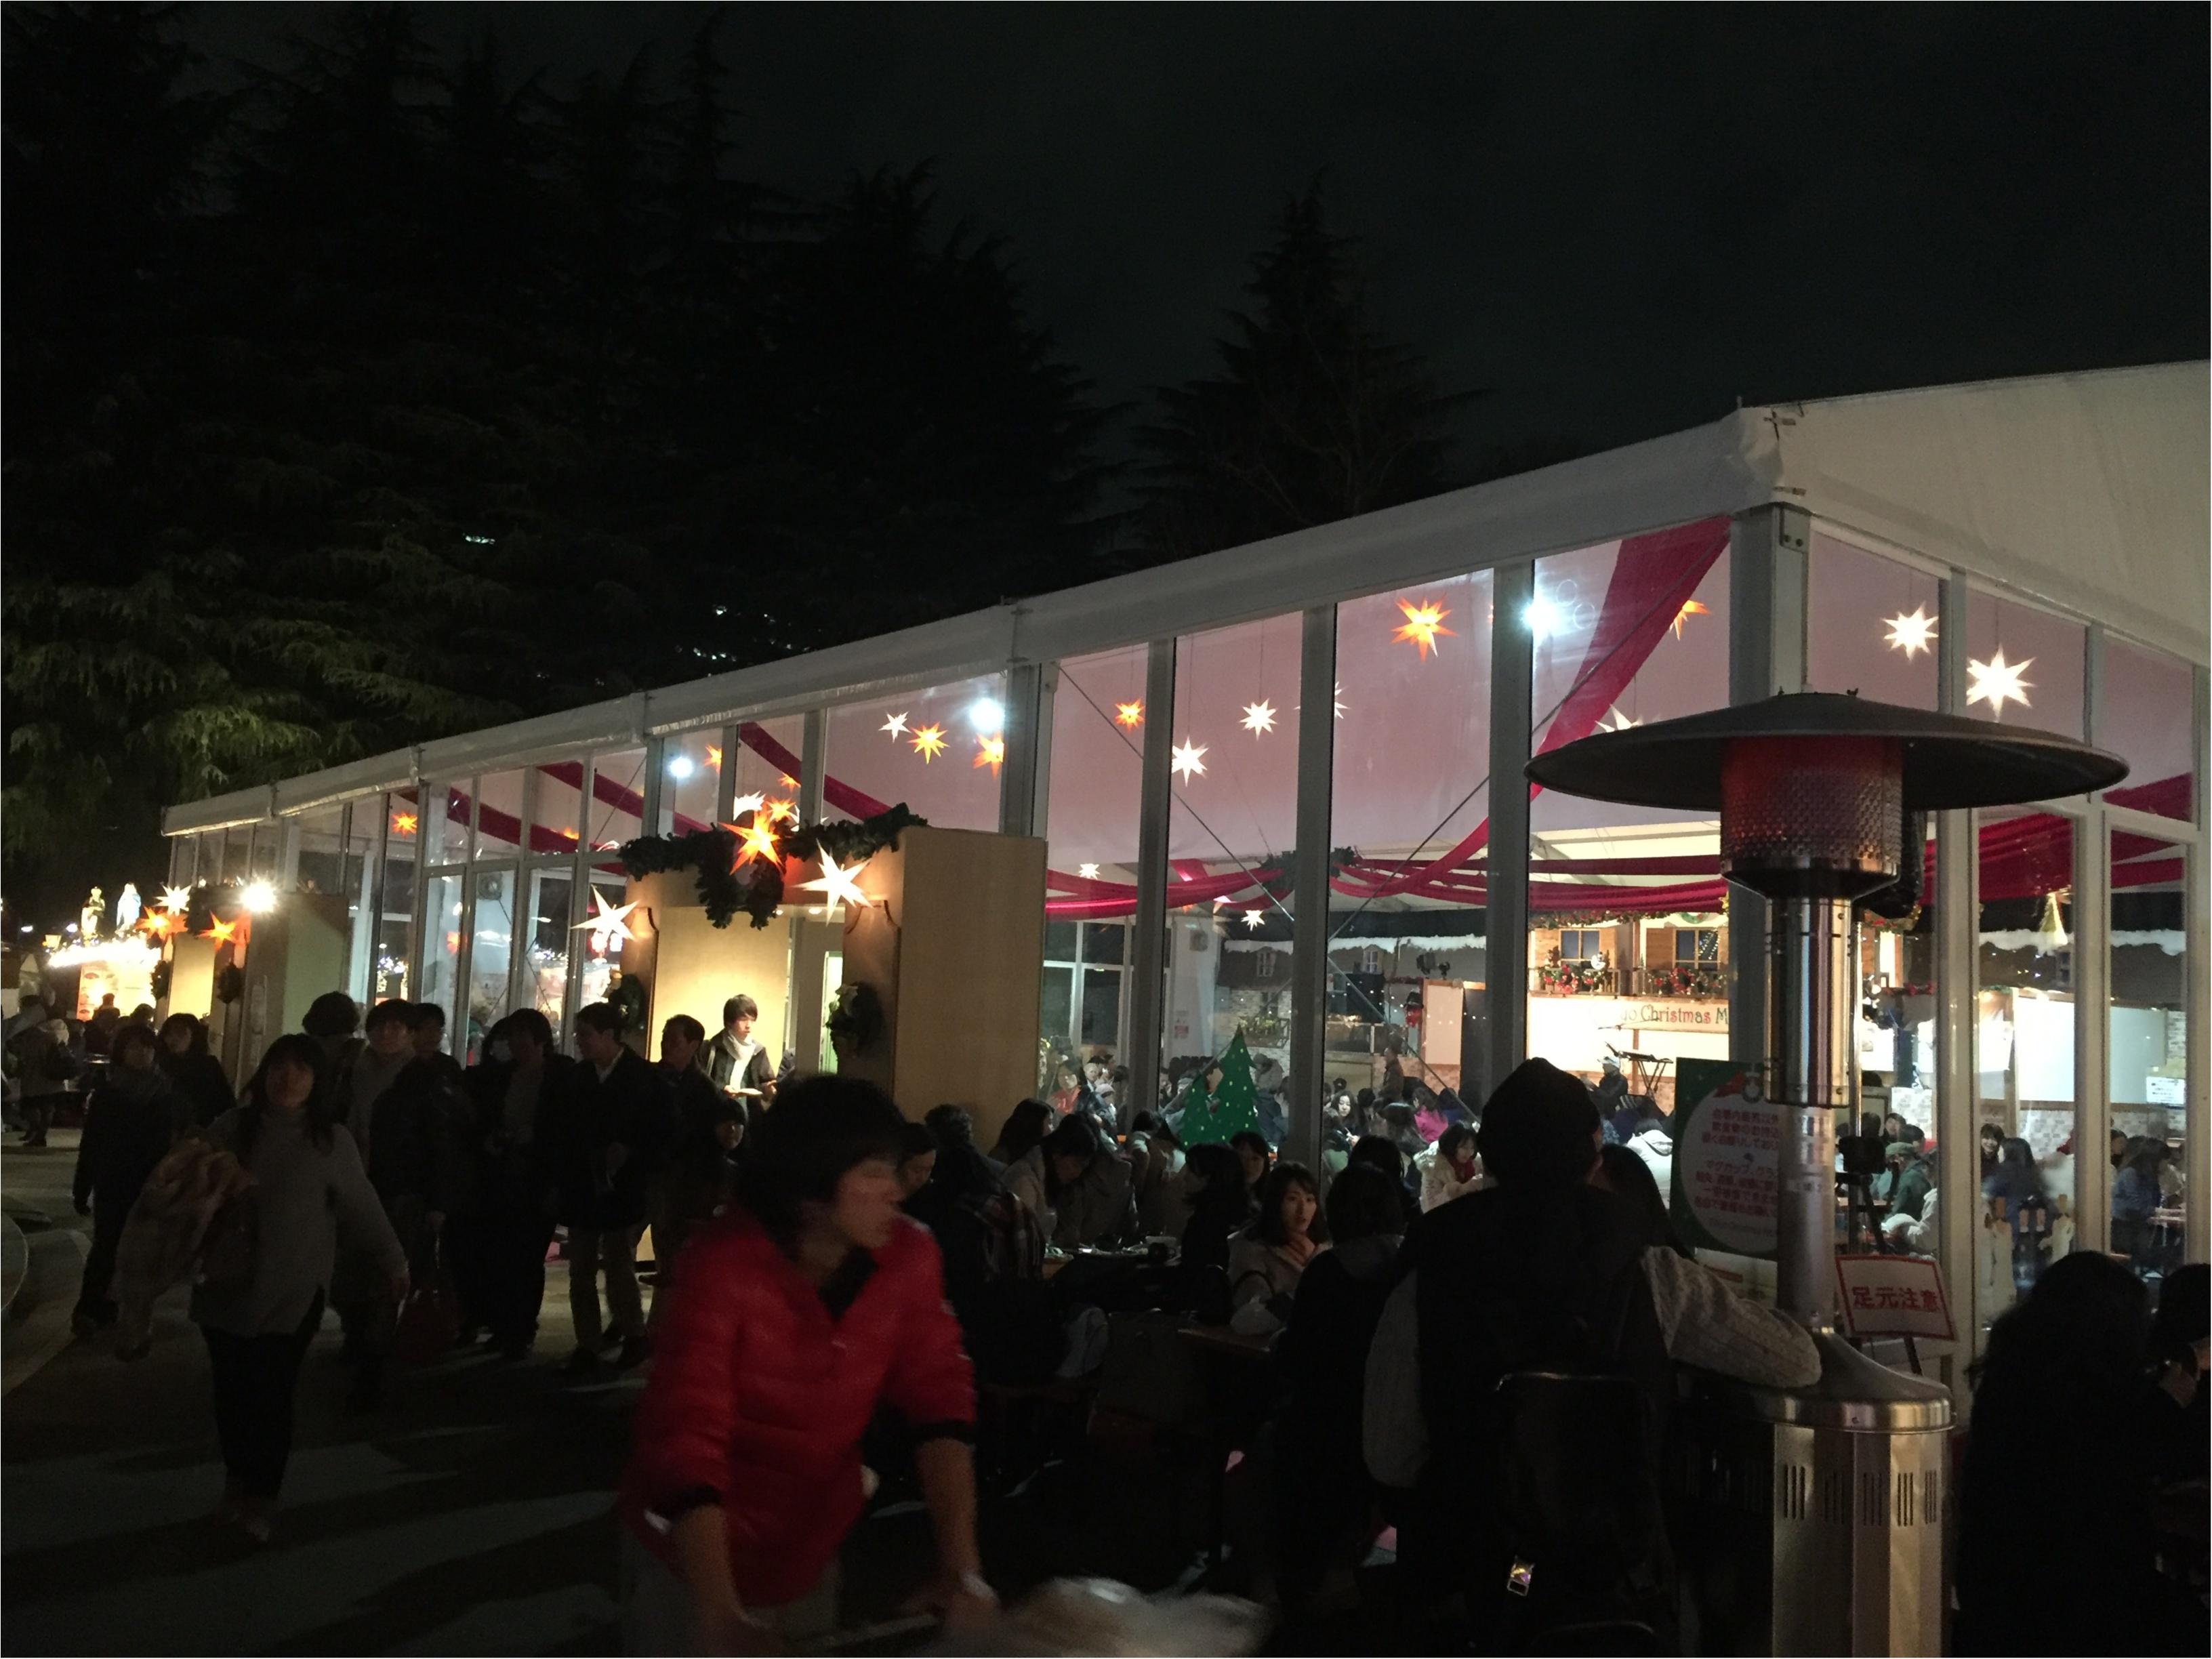 思わぬ素敵な出会いが✨✨日比谷公園【*東京クリスマスマーケット*】に行ってきました♪♪_12